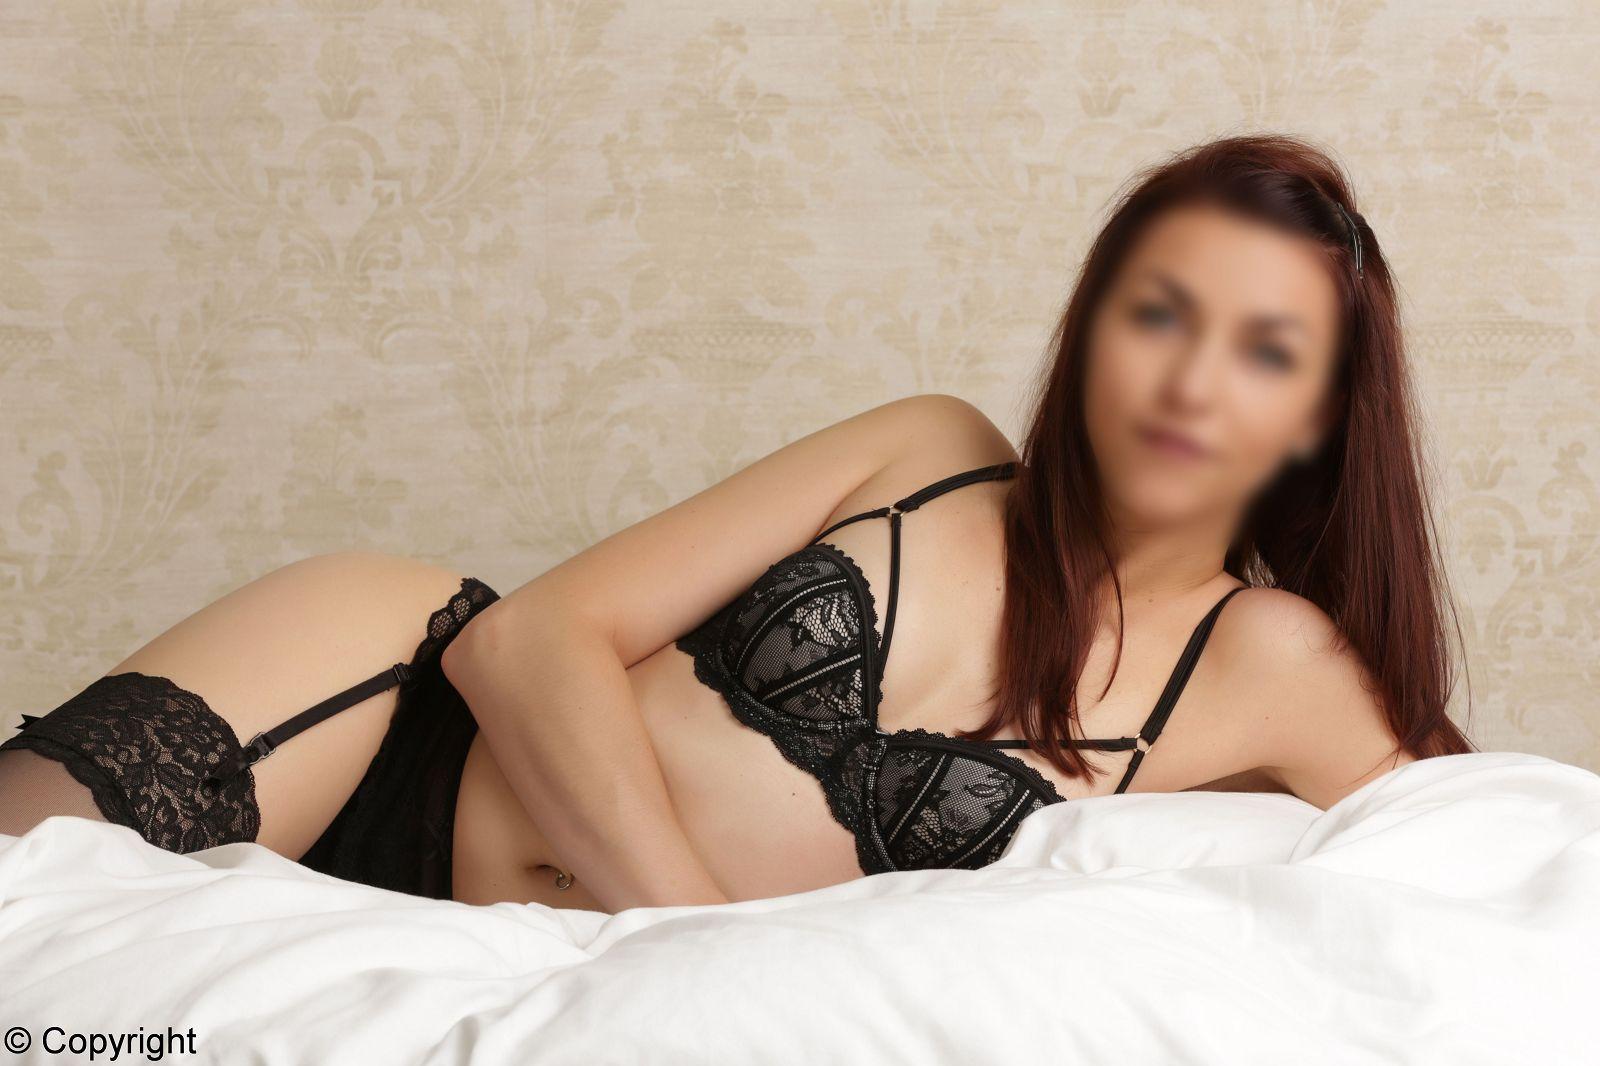 xnxx norway vibeke skofterud nakenbilder